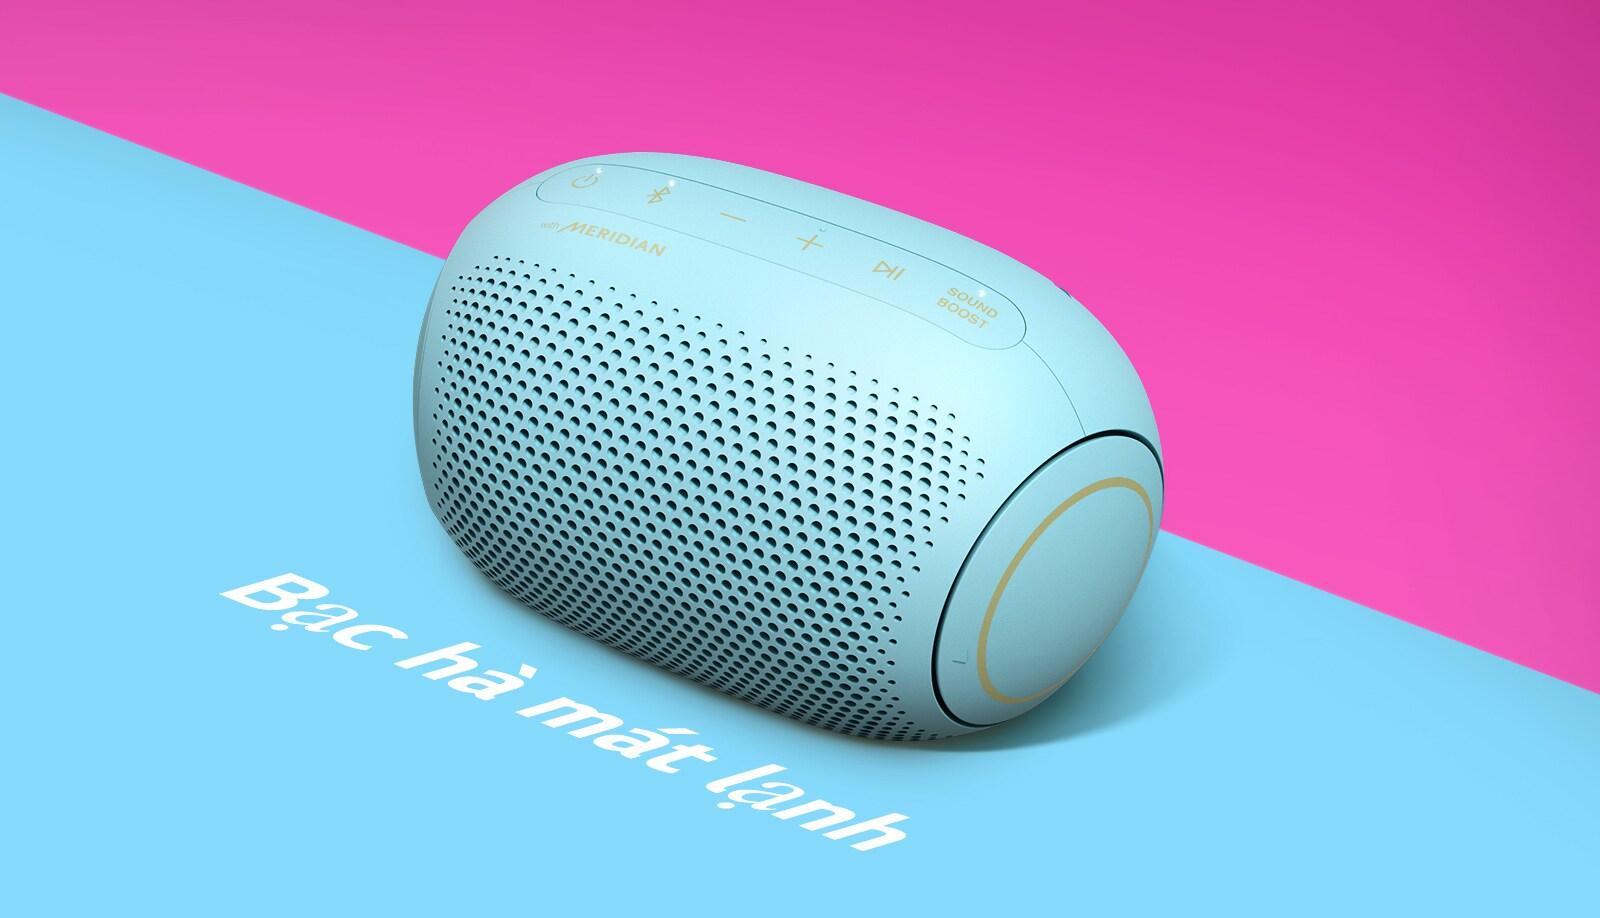 Loa LG XBOOM Go PL2B hình kẹo Jellybean vị bạc hà mát lạnh được đặt trên nền xanh da trời.